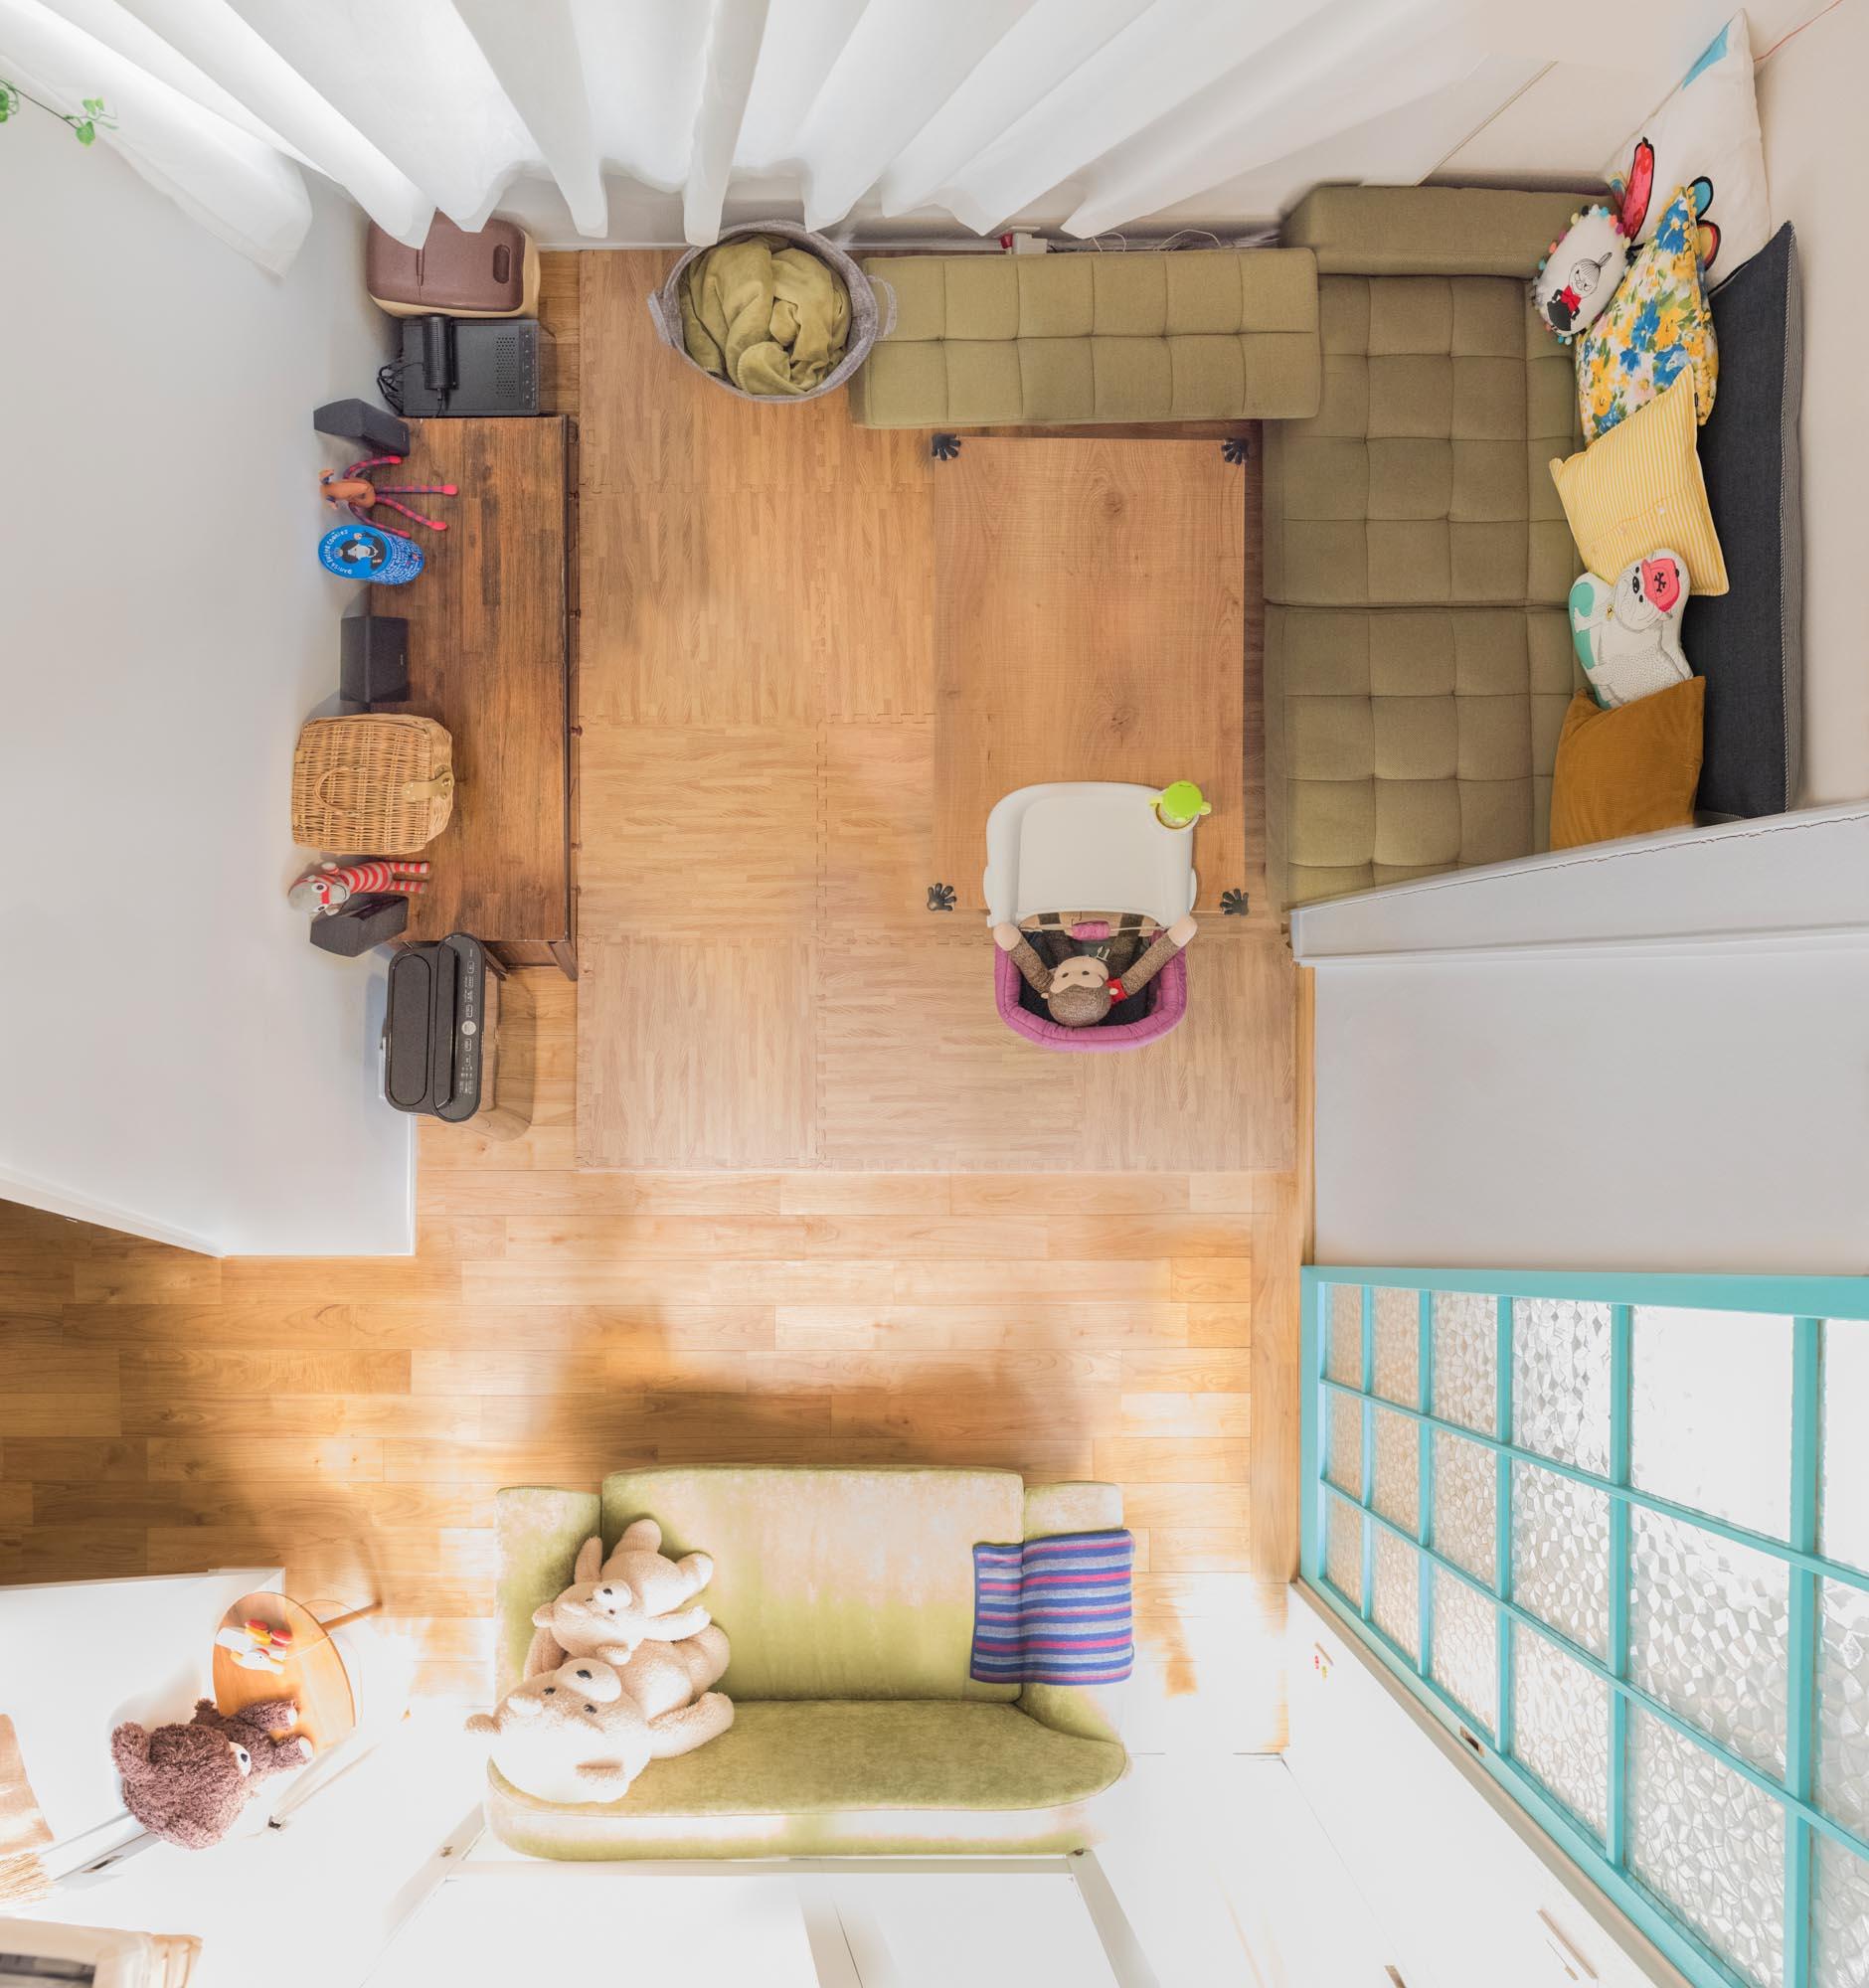 1階の平面図写真。前回と比べるとぐっと色調がおだやか。